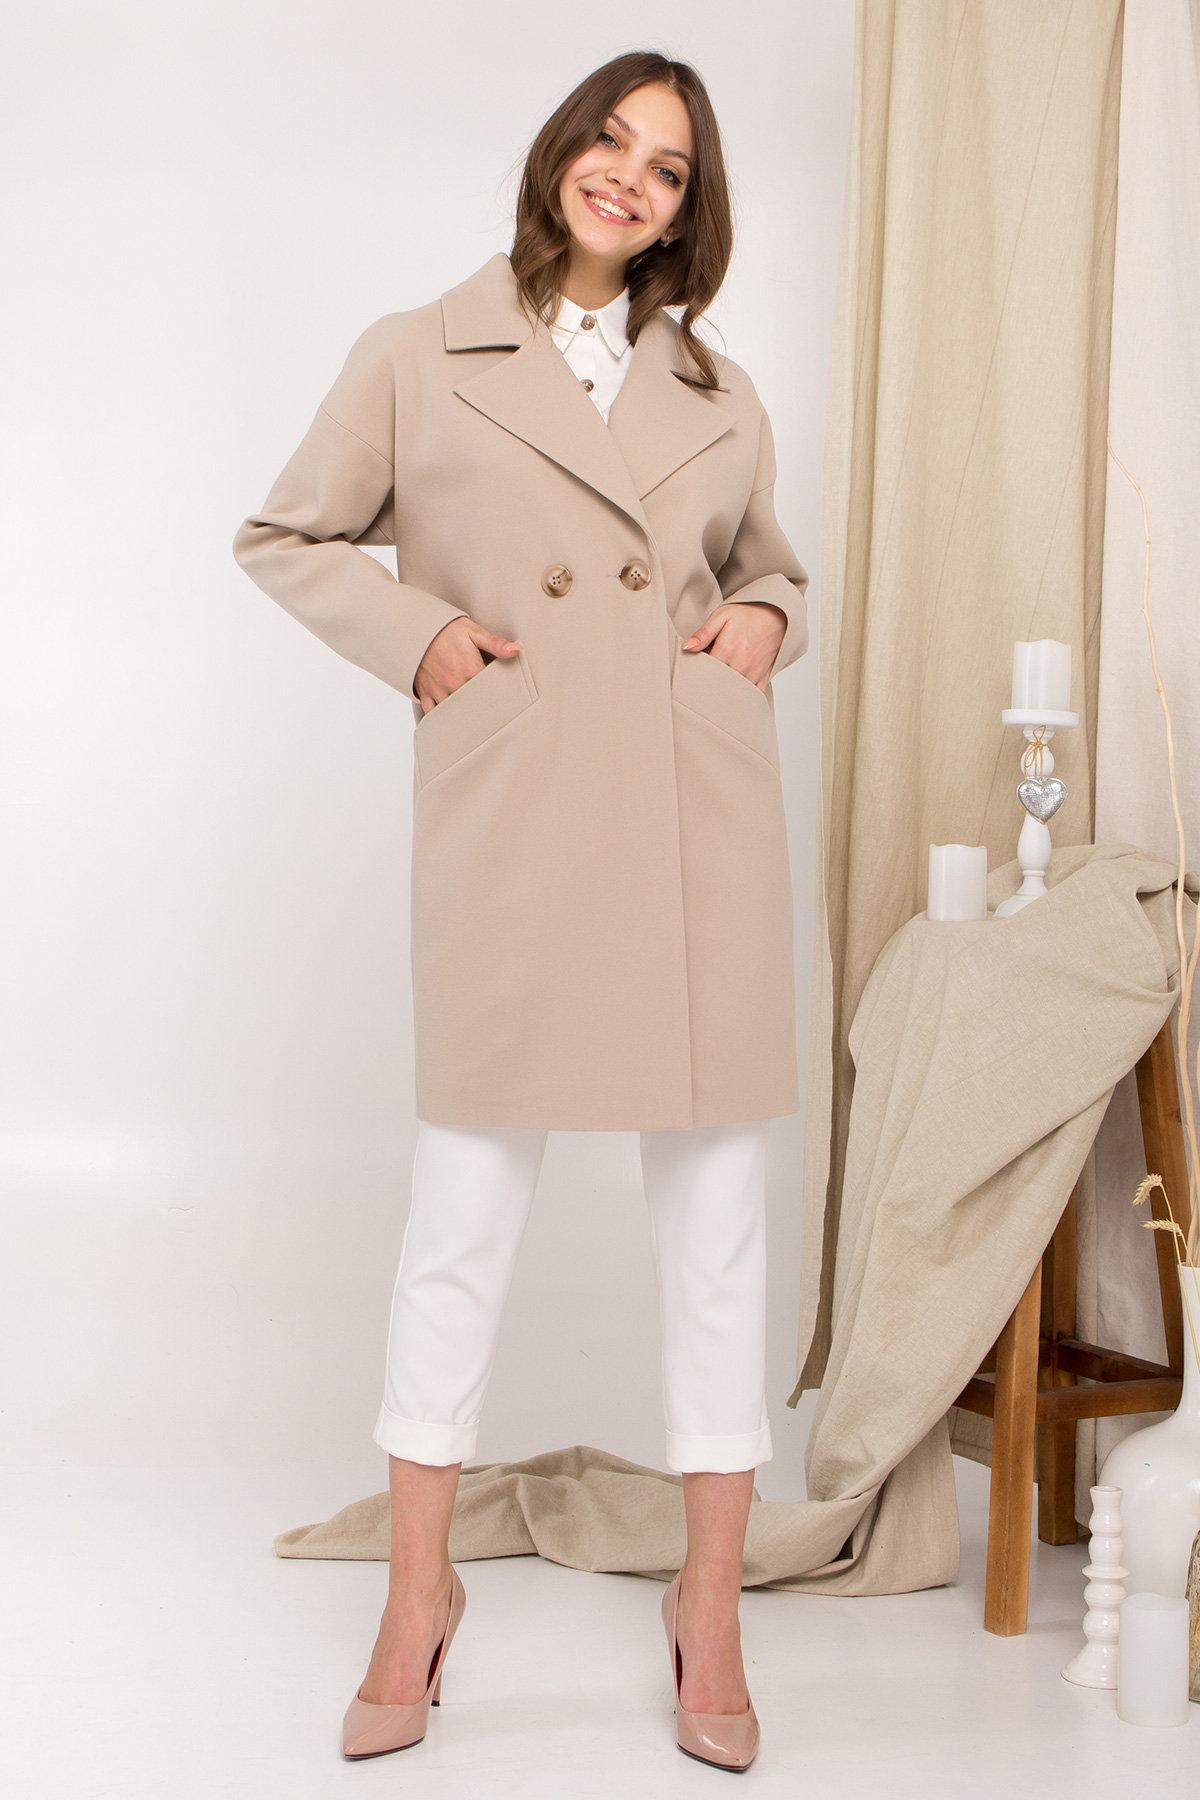 Пальто Сенсей 9006 АРТ. 45312 Цвет: Бежевый - фото 3, интернет магазин tm-modus.ru